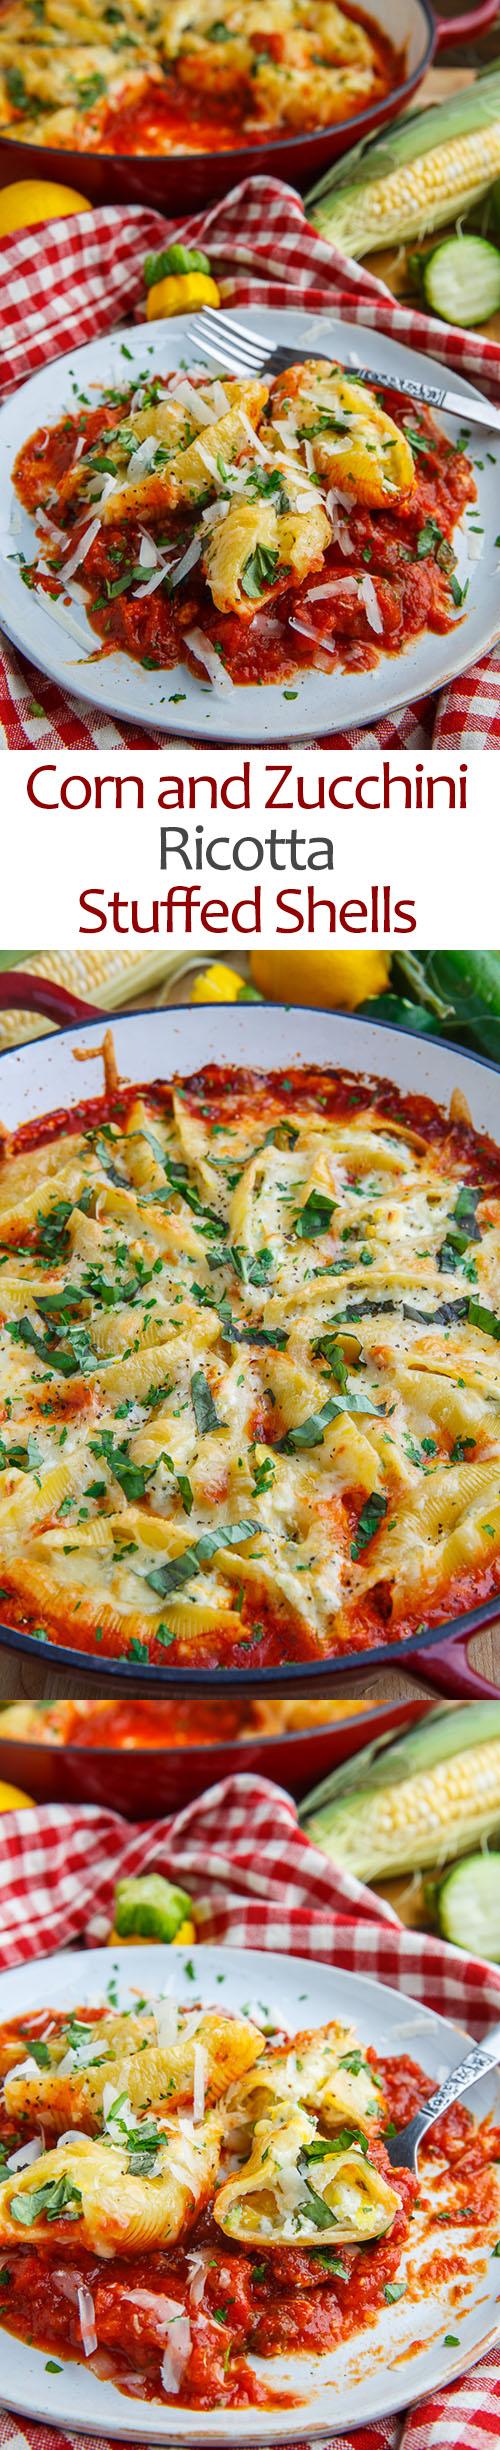 Corn and Zucchini Ricotta Stuffed Shells